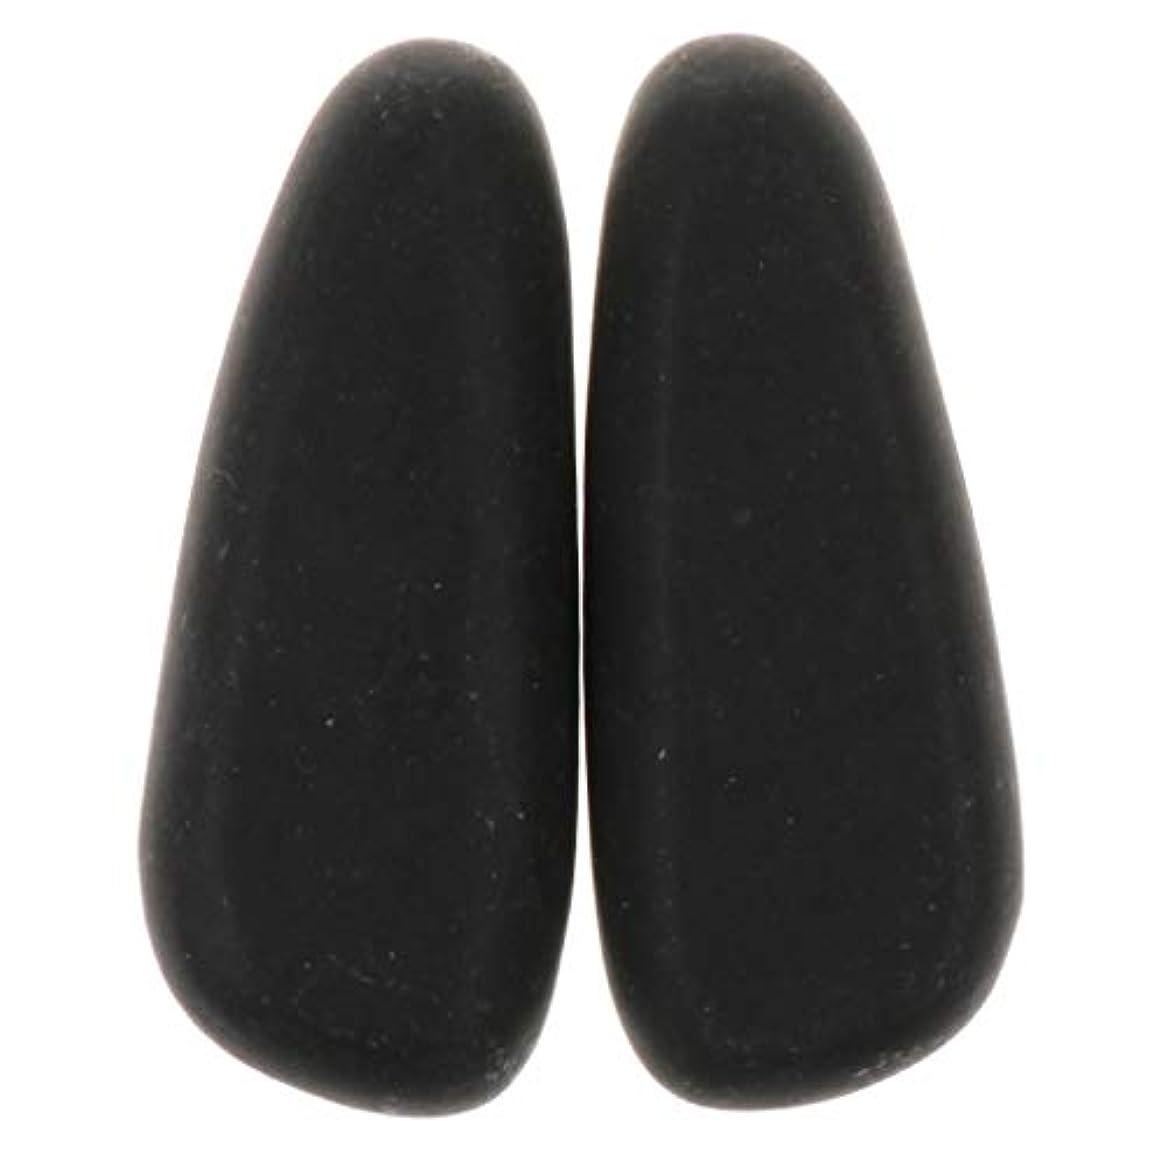 軍団生き残りソートHellery マッサージストーン 天然石ホットストーン マッサージ用玄武岩 SPA ツボ押しグッズ 2個 全2サイズ - 8×3.2×2cm